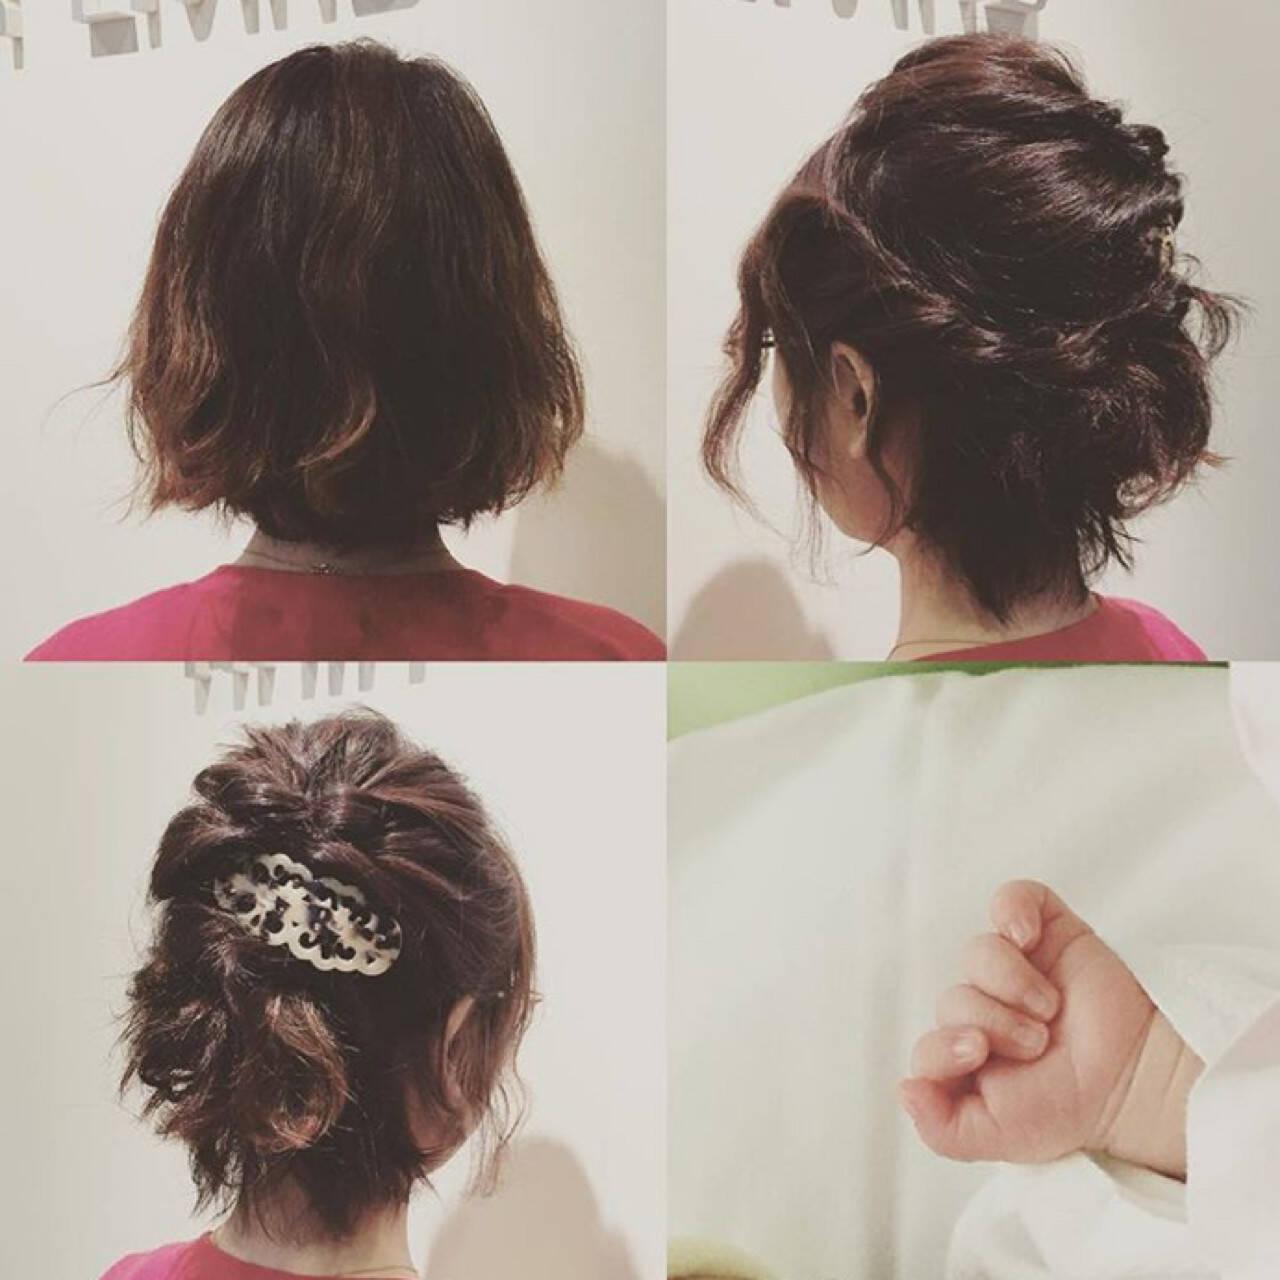 簡単ヘアアレンジ 結婚式 ショート パーティヘアスタイルや髪型の写真・画像